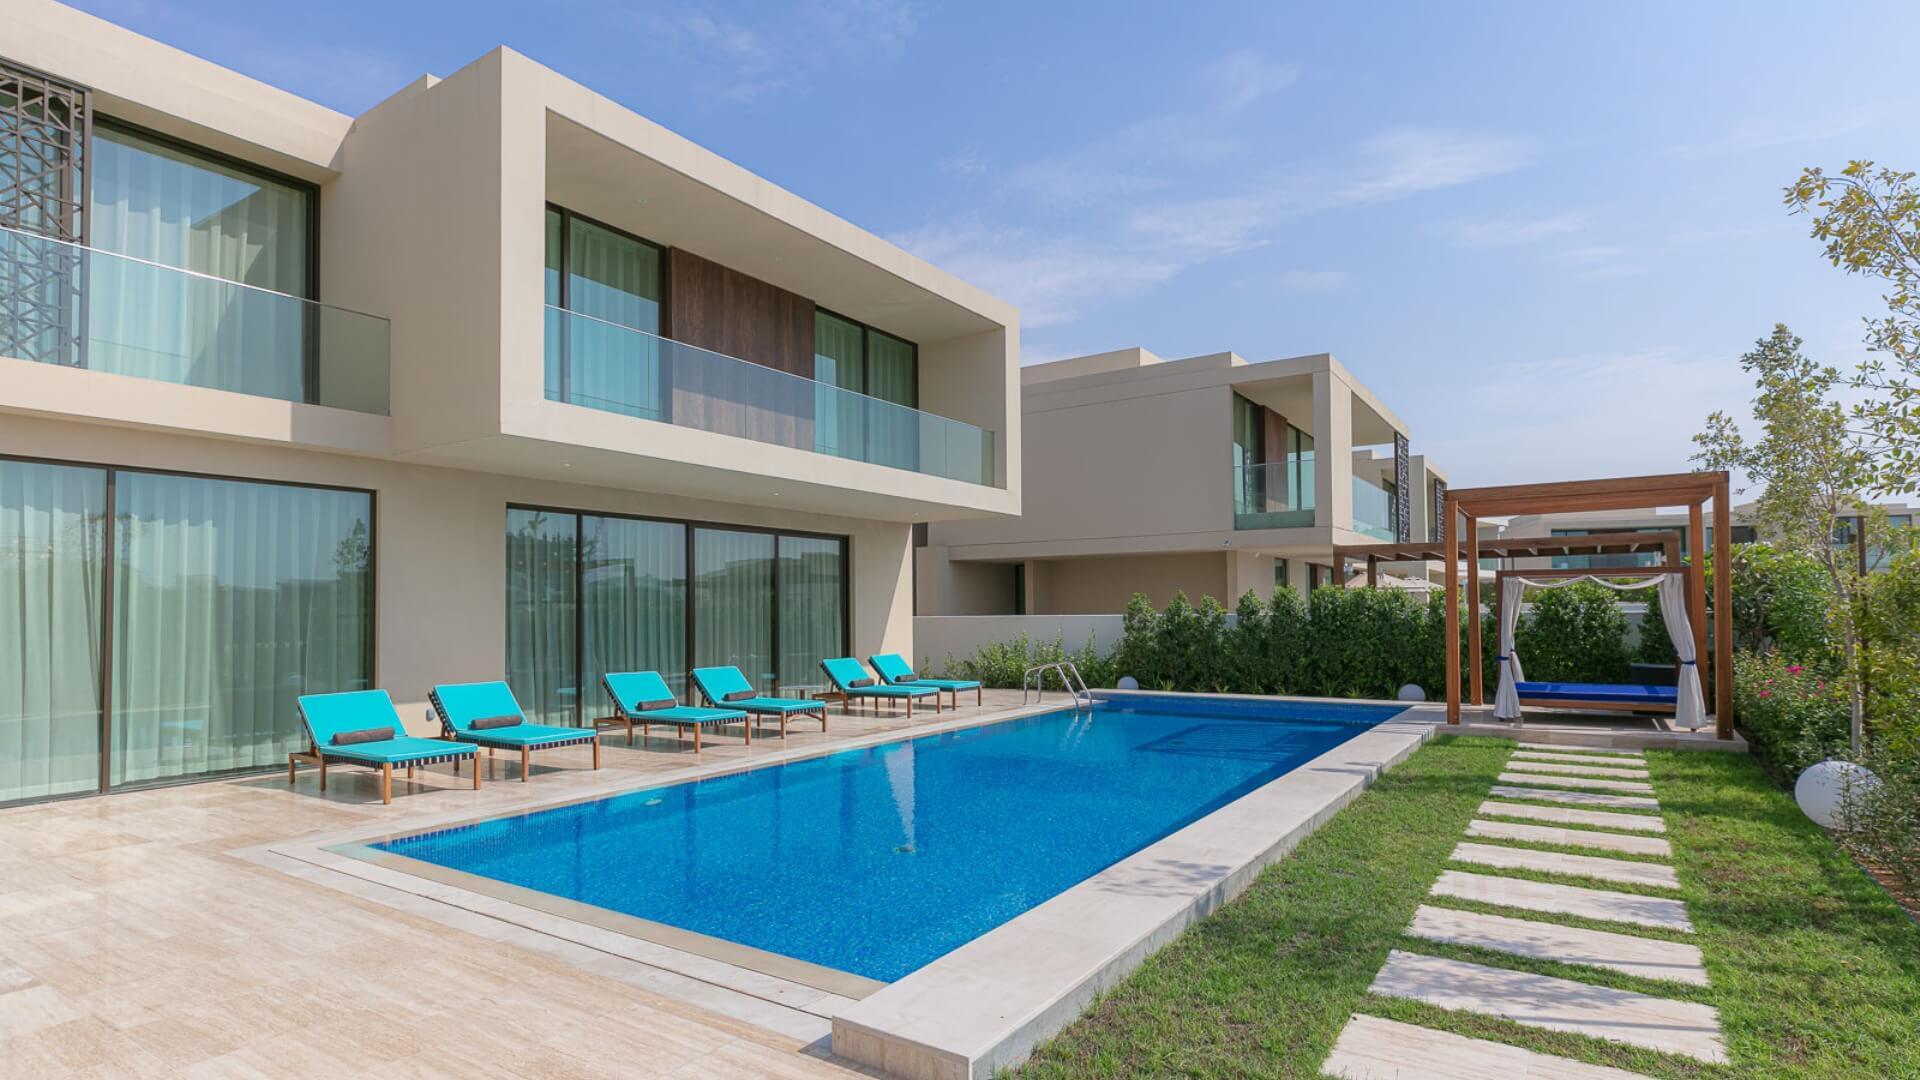 Villa en venta en Dubai, EAU, 6 dormitorios, 1208 m2, № 24640 – foto 2